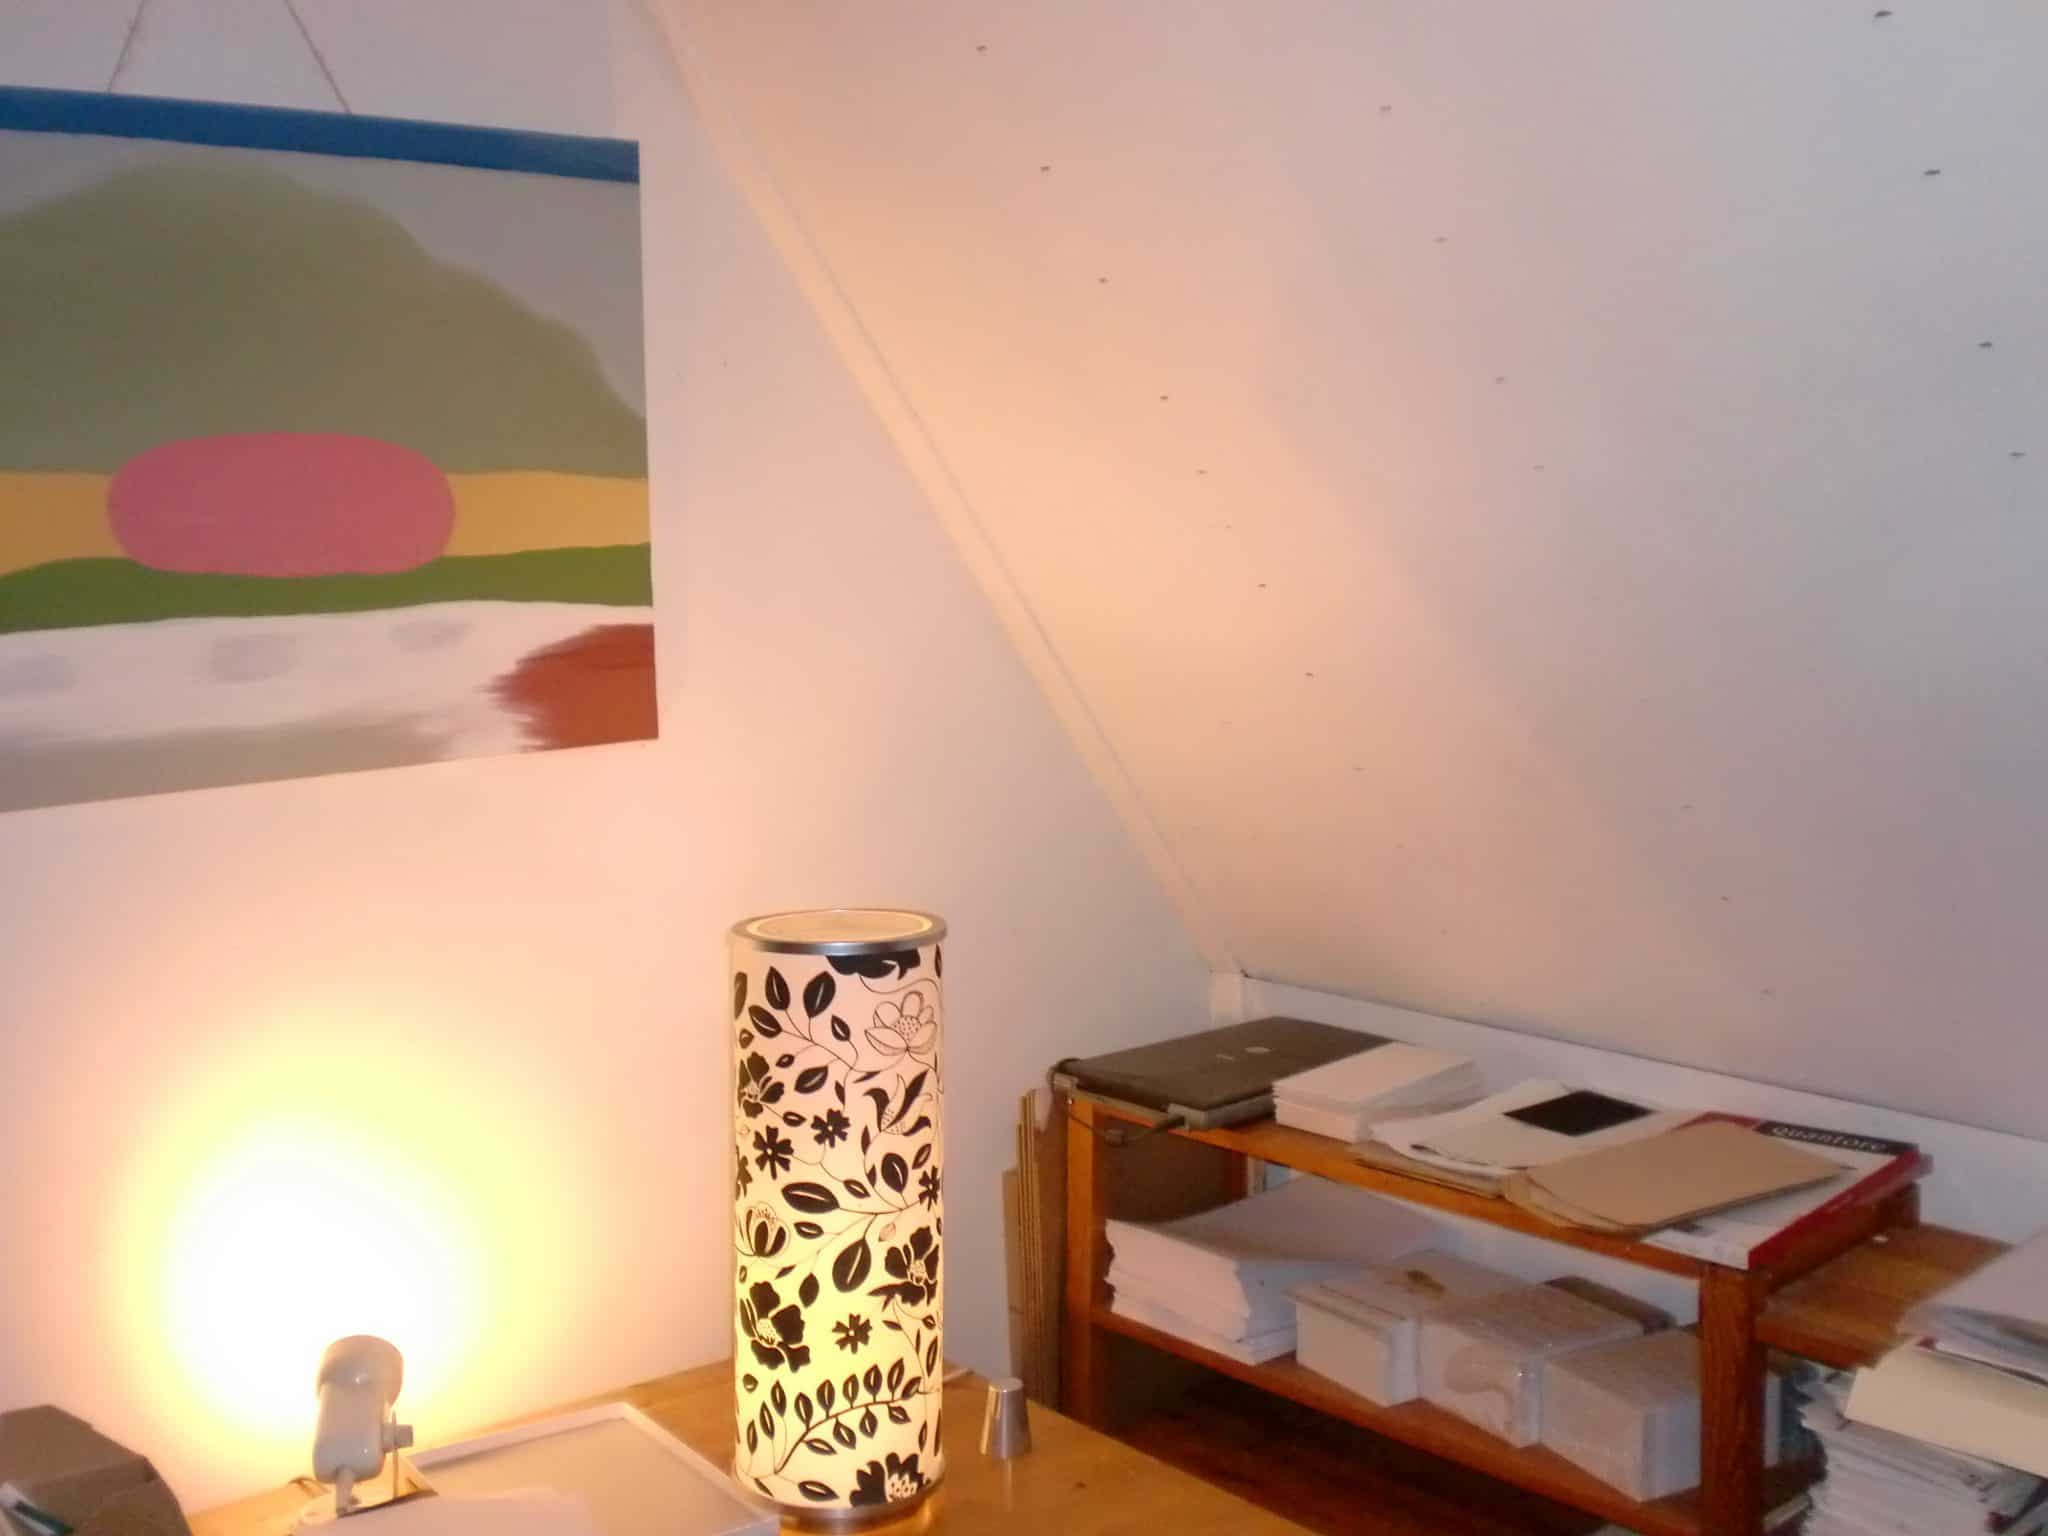 Muurverf moose f rg heeft een matte lichtuitstraling en geeft sfeer for Schilderen moderne volwassen kamer